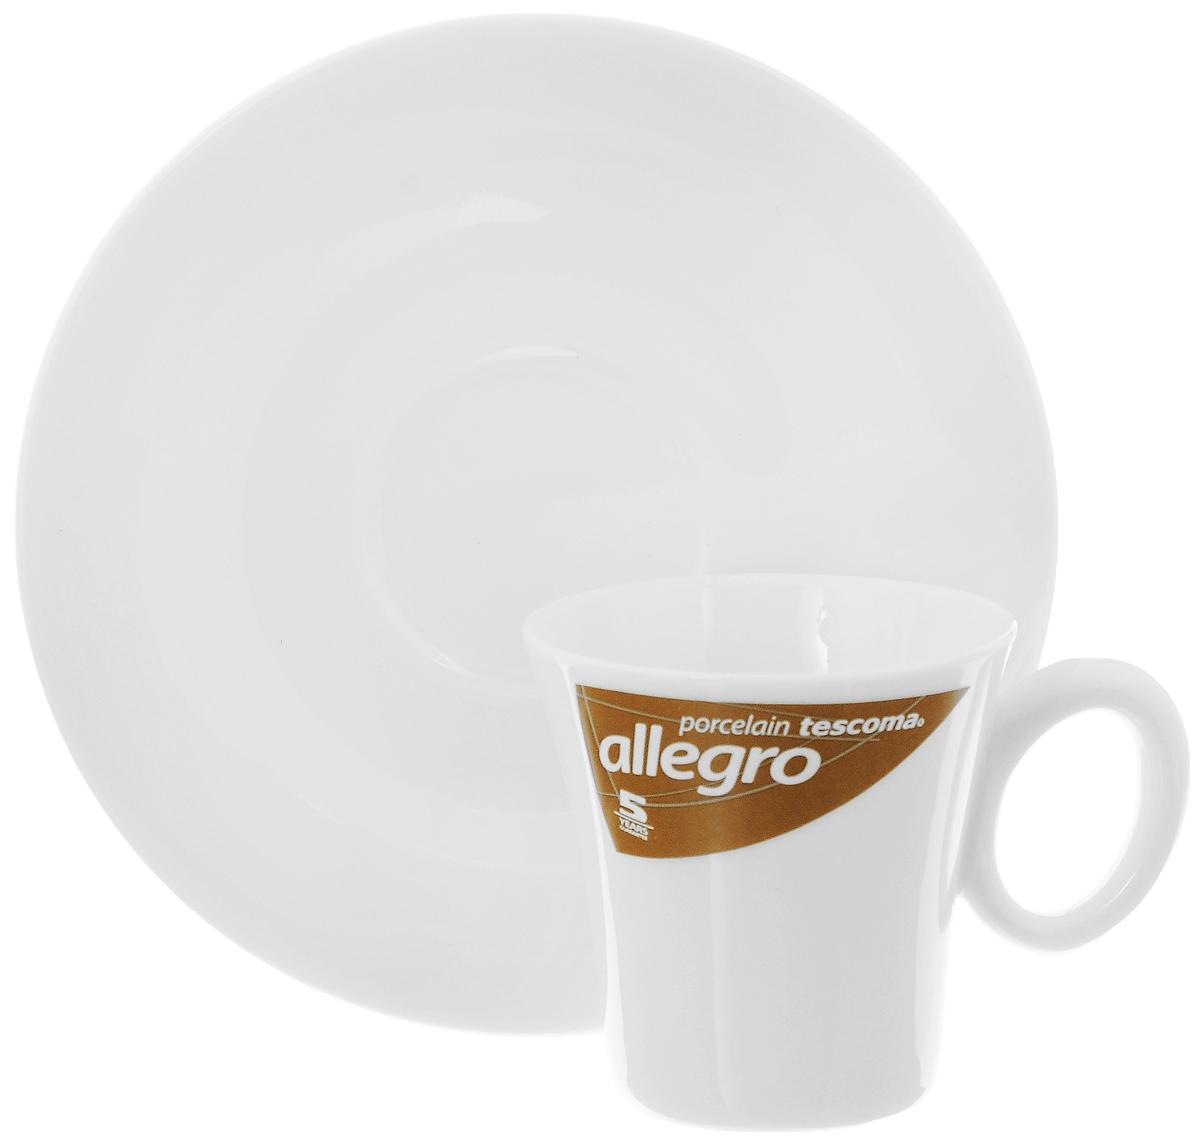 Кофейная пара Tescoma Allegro, цвет: белый, 2 предмета54 009312Кофейная пара Tescoma Allegro состоит из чашки и блюдца, изготовленных извысококачественного фарфора. Элегантный дизайн,несомненно, придется вам по вкусу.Кофейная пара Tescoma Allegro украсит ваш кухонный стол, а также станет замечательнымподарком к любому празднику.Можно использовать в микроволновой печи, холодильнике и посудомоечной машине. Объем чашки: 80 мл.Диаметр чашки (по верхнему краю): 6 см.Диаметр основания чашки: 4 см.Высота чашки: 6 см.Диаметр блюдца: 13 см.